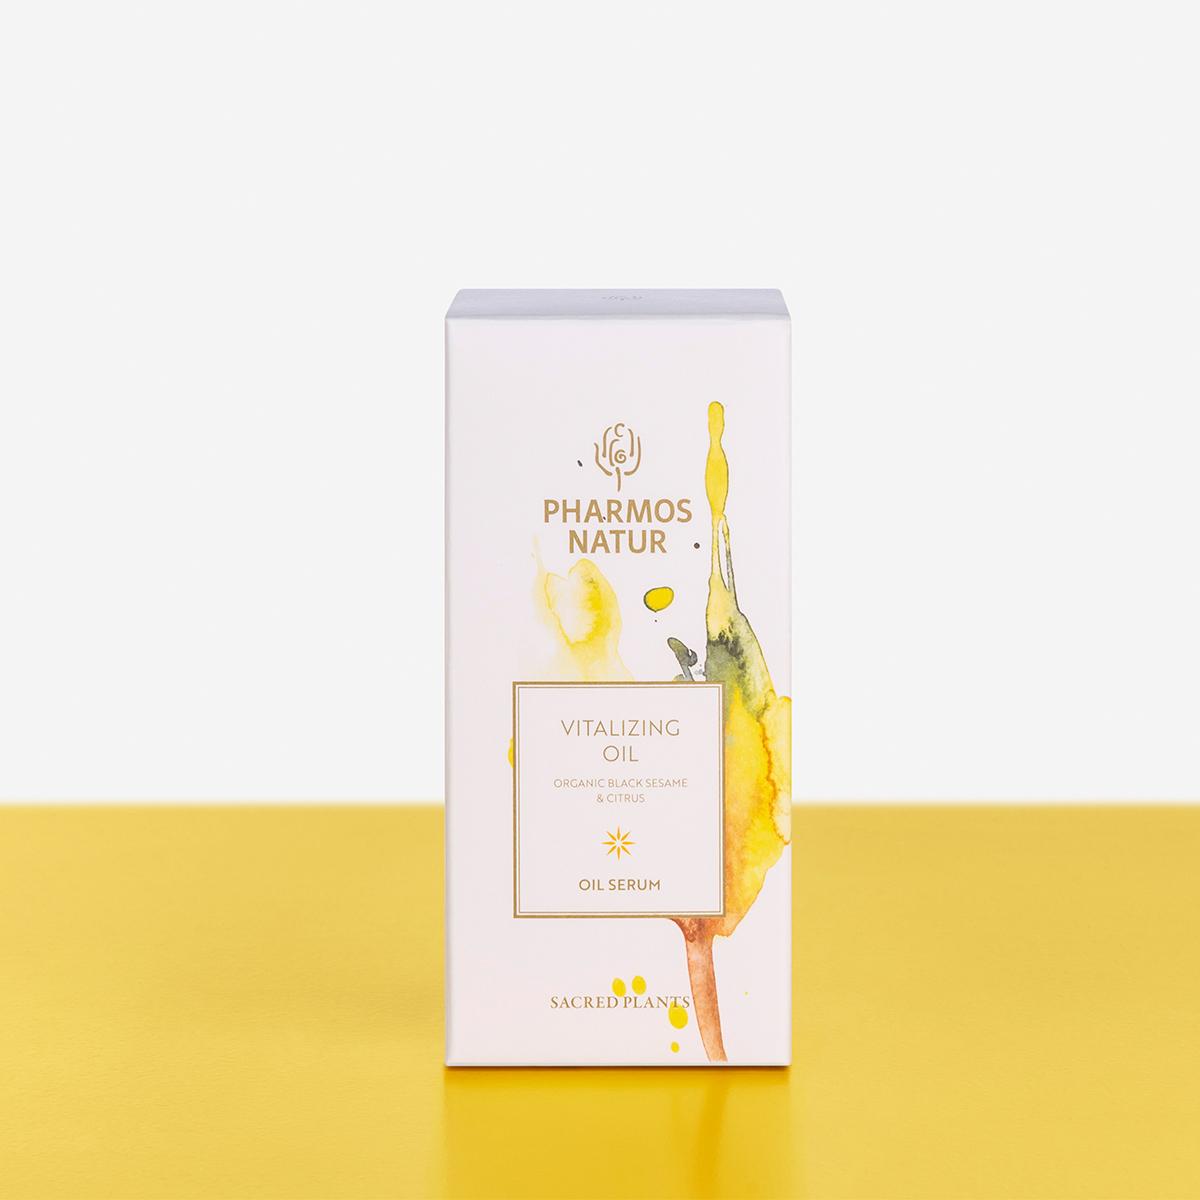 Verpackung Vitalizing Oil Produktbild